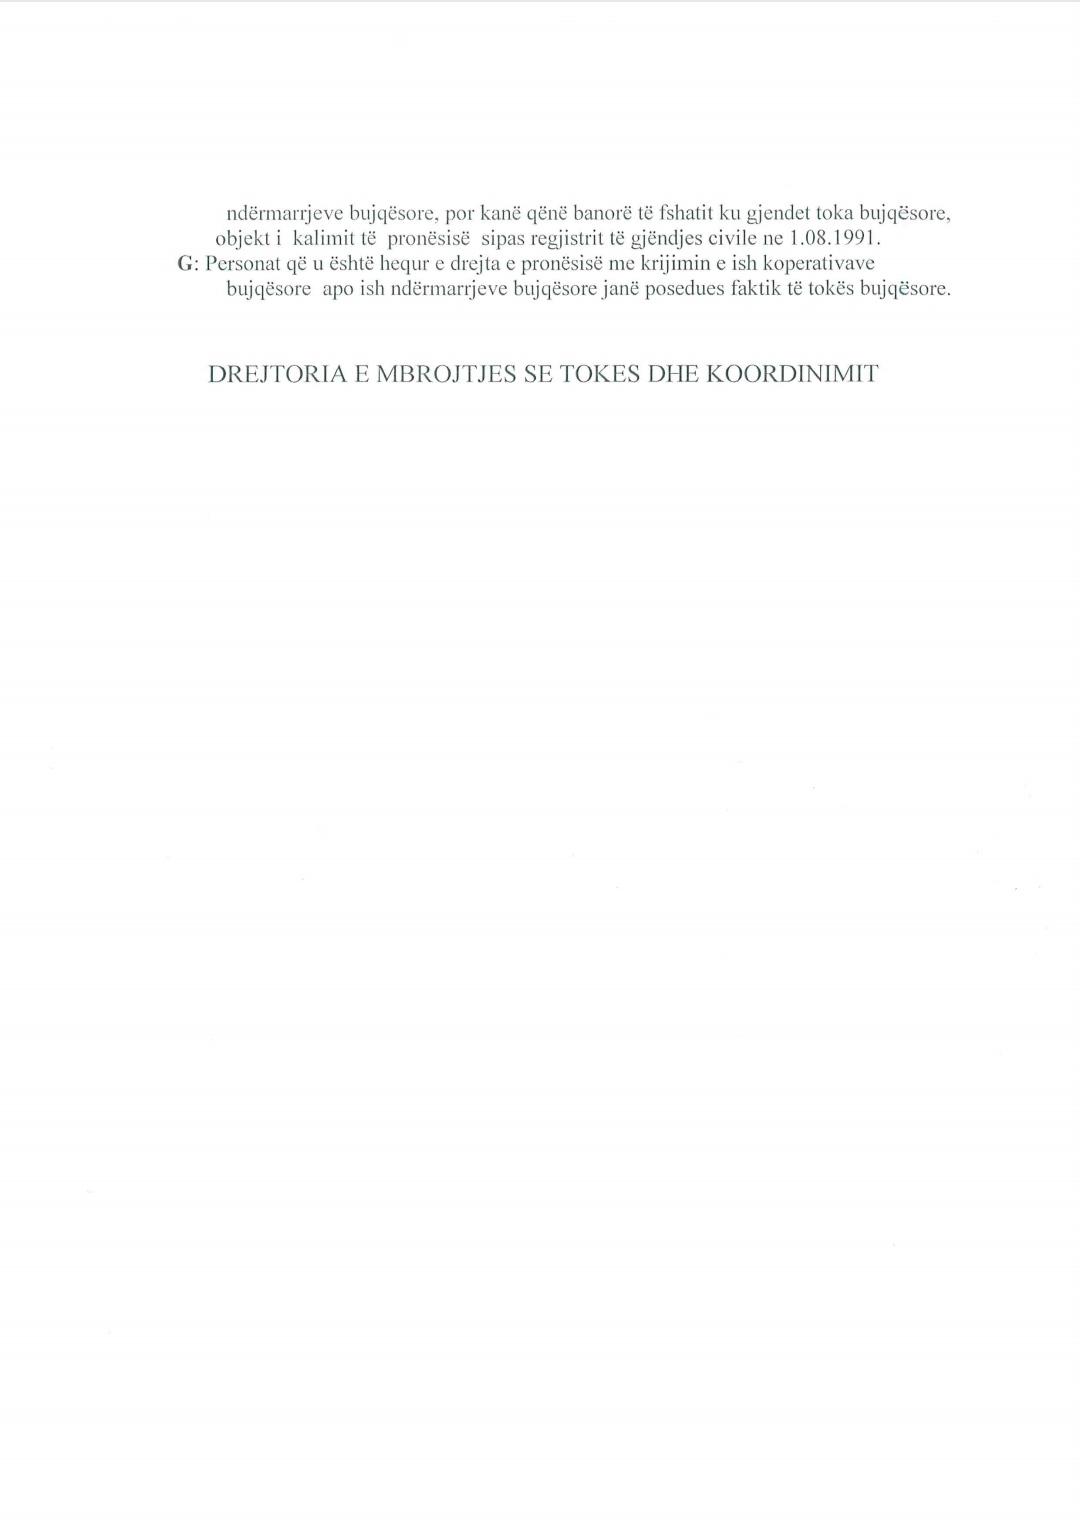 Njoftim me rëndësi për marrjen e çertifikatës së tokës